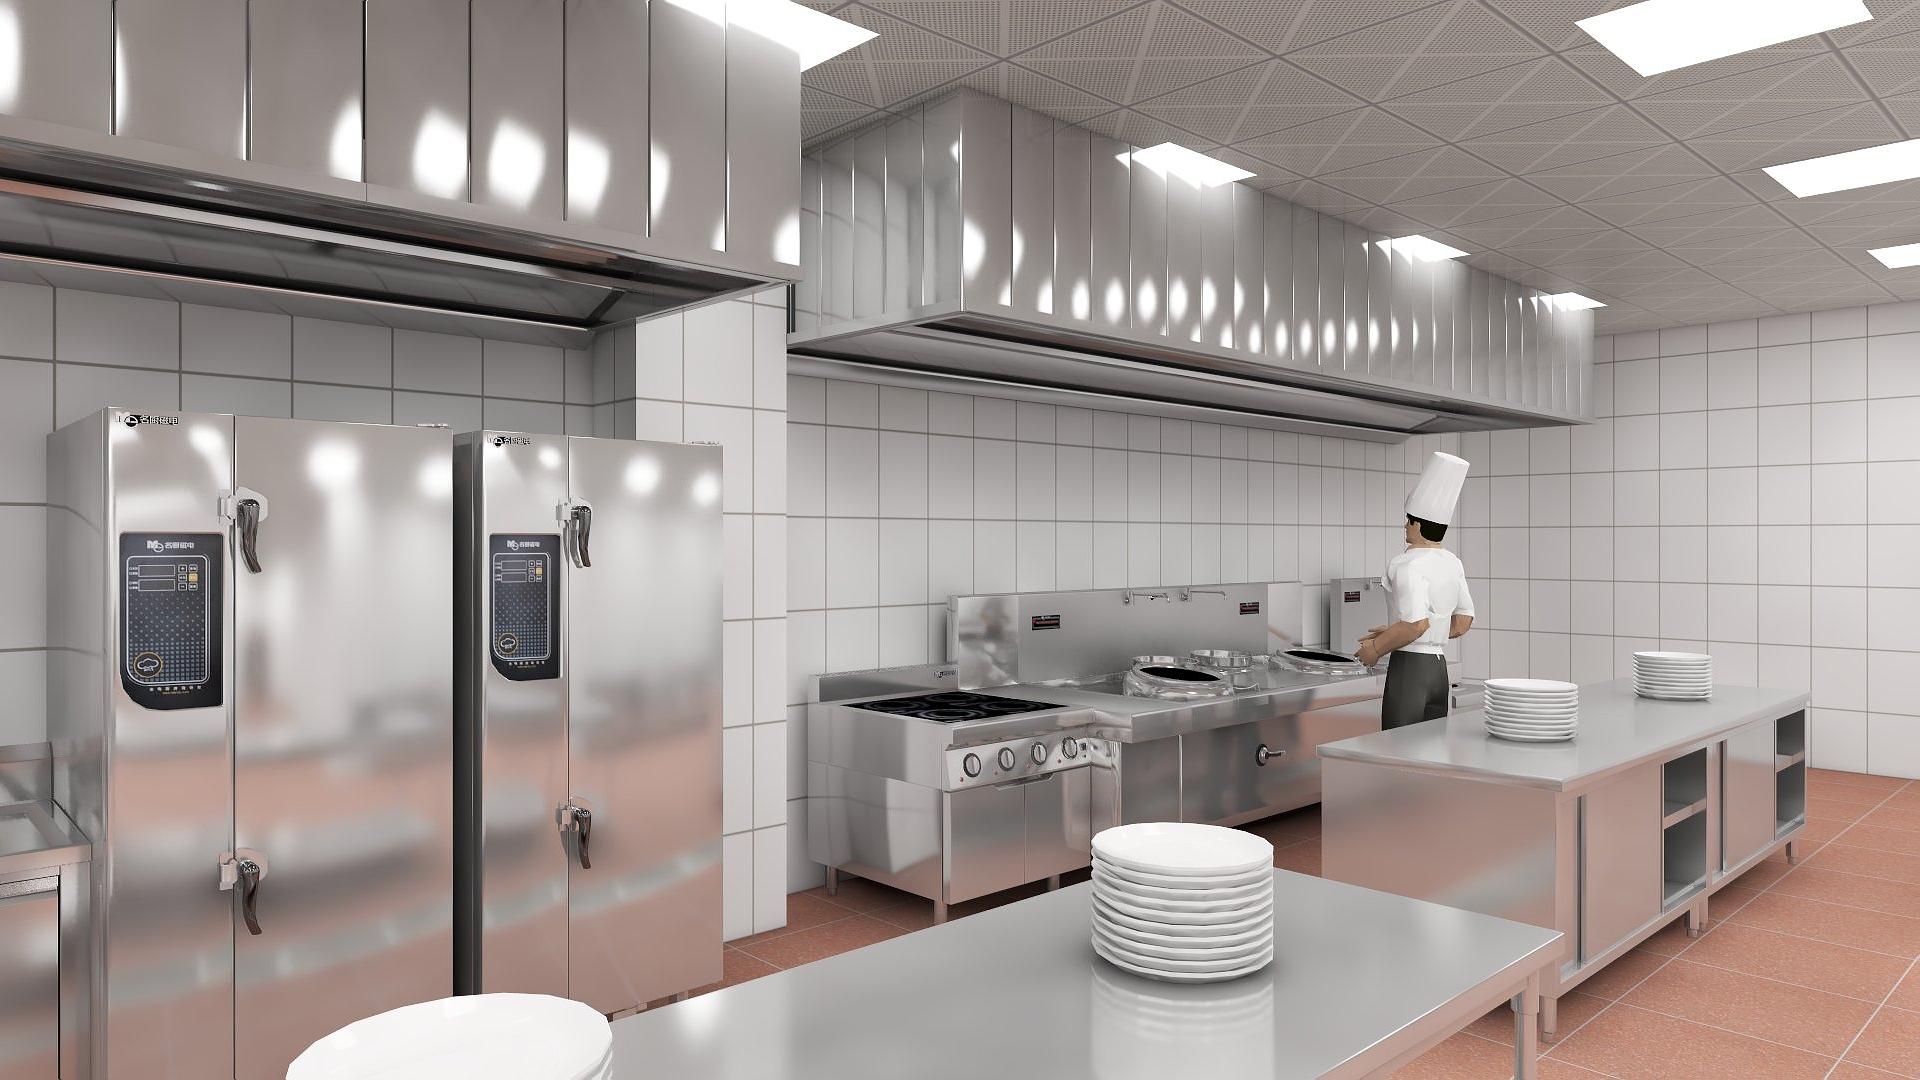 商用厨房工程贵在哪里